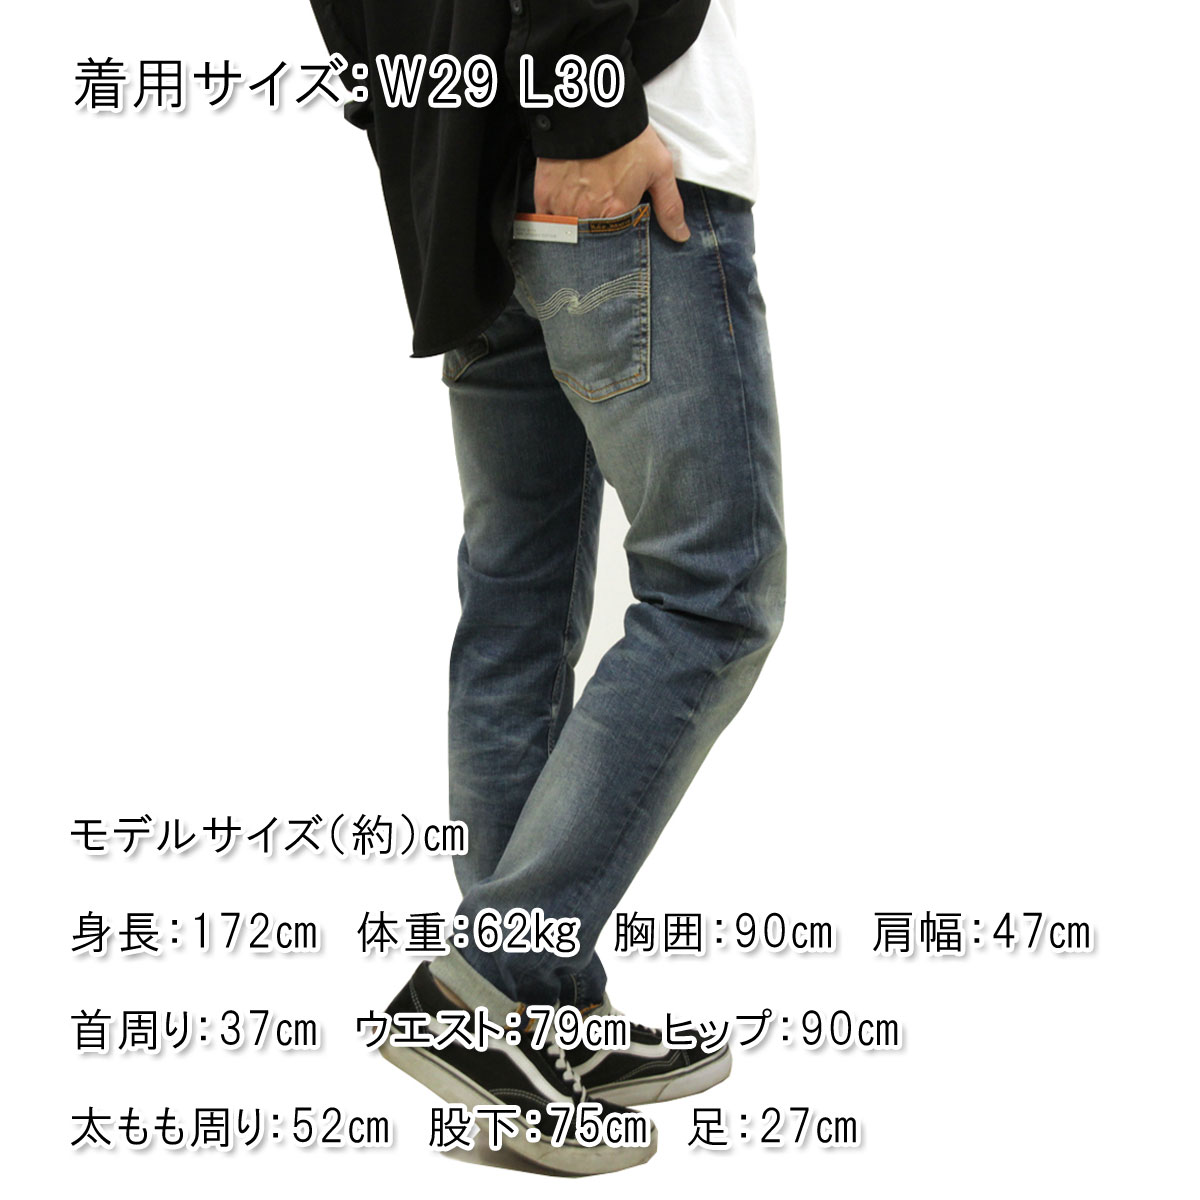 ヌーディージーンズ ジーンズ メンズ 正規販売店 Nudie Jeans シンフィン ジーパン THIN FINN DENIM JEANS AUTHENTIC REPAIR 034 113127 A62B B1C C2D D1E E06F